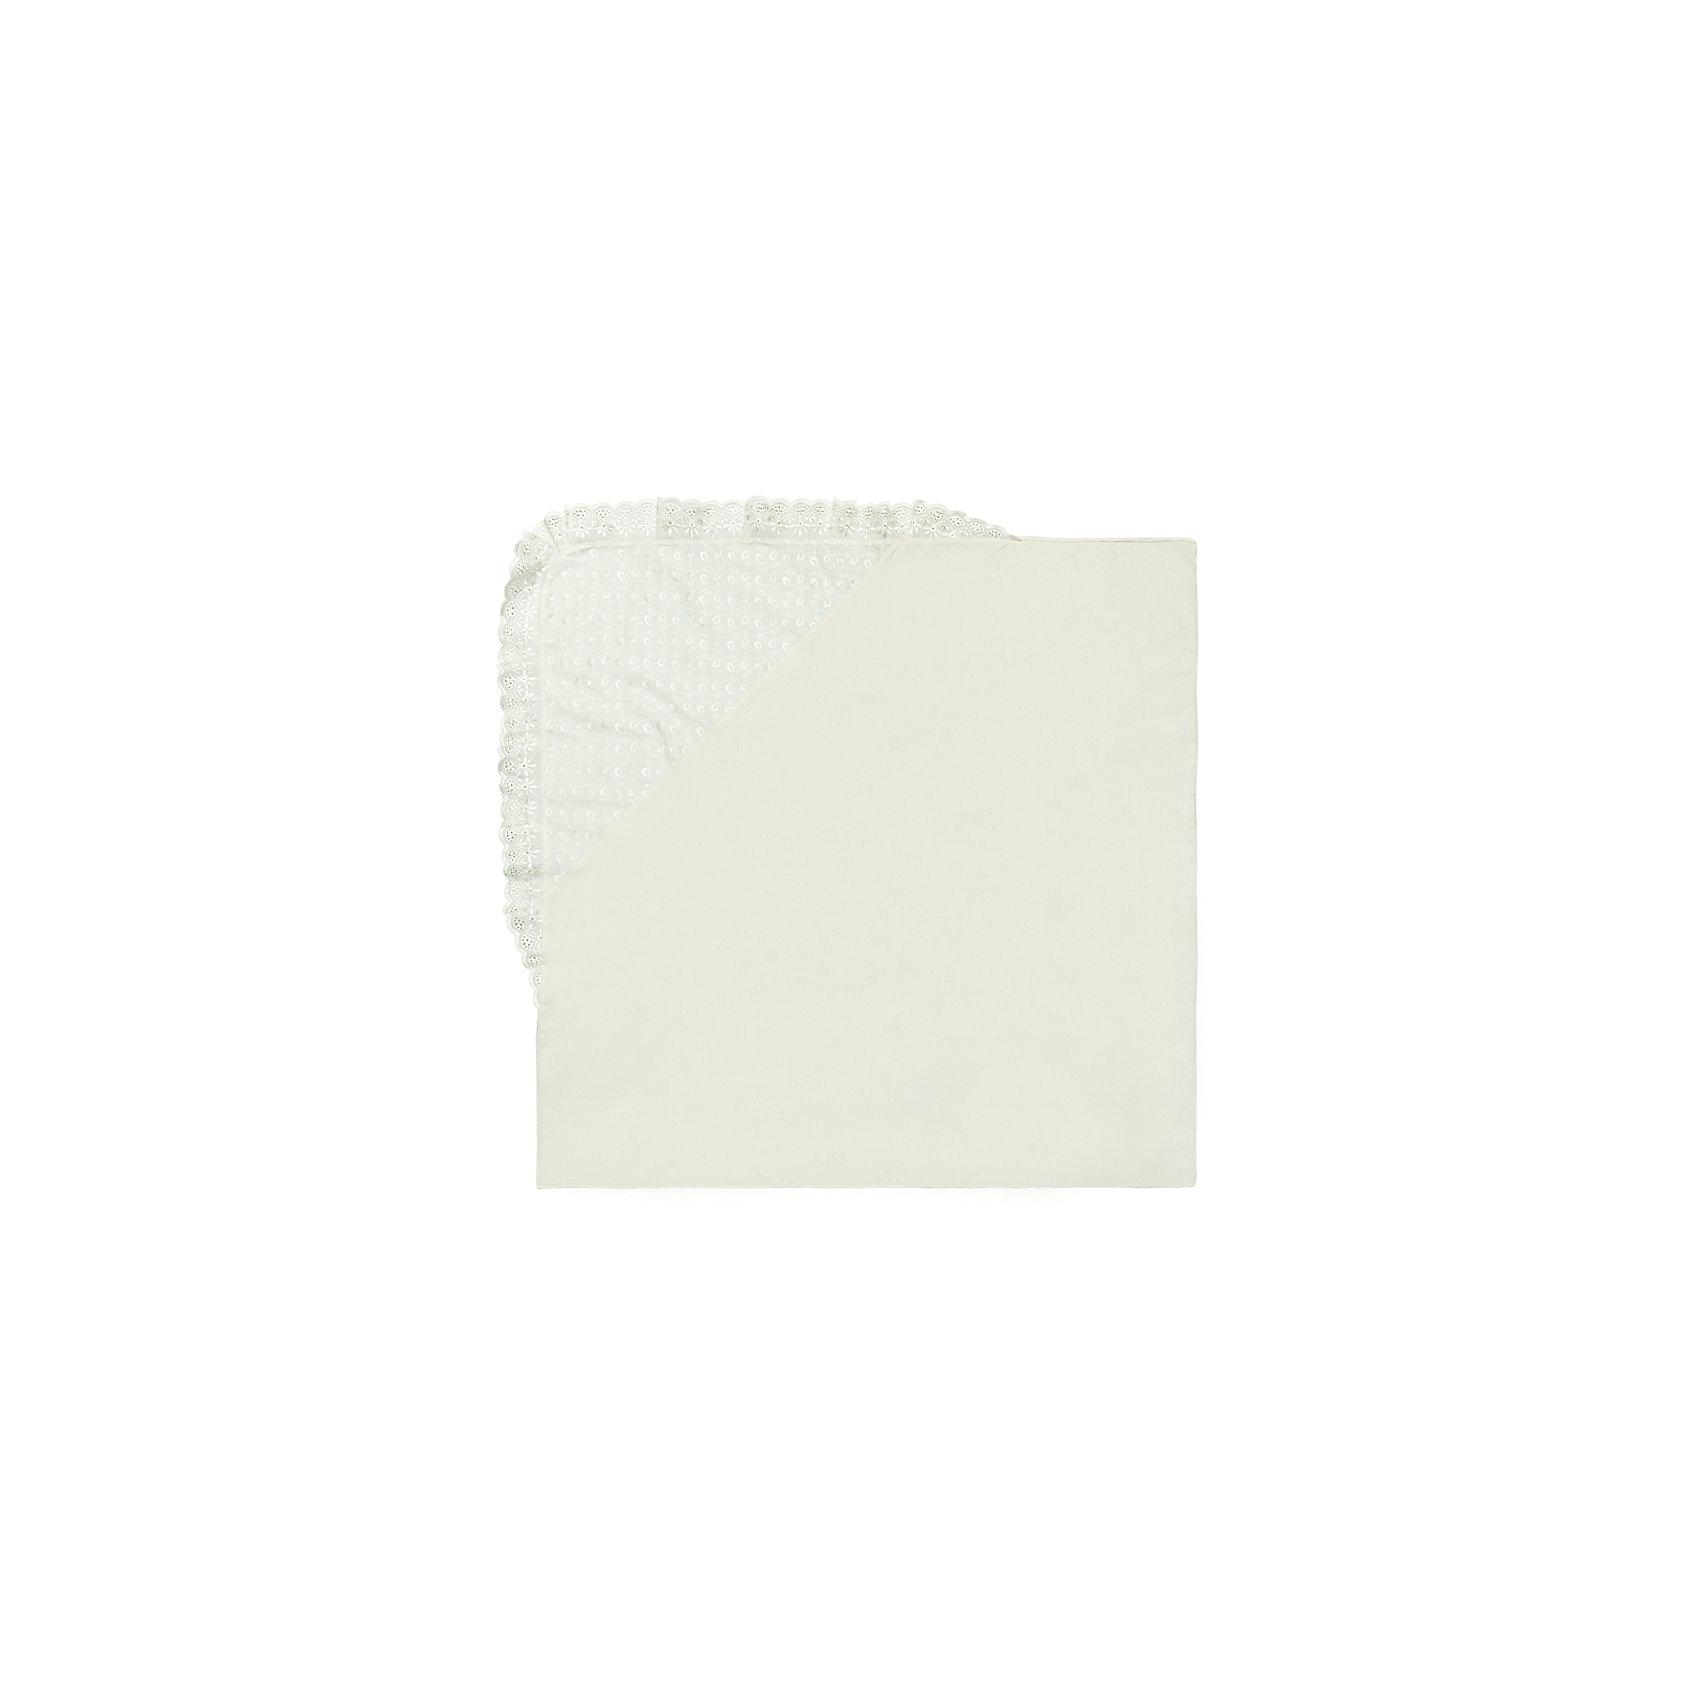 Пеленка-уголок для выписки Лето, Сонный гномик, бежевыйКонверты на выписку<br>Пеленка-уголок для выписки Лето, Сонный гномик, бежевый – необходимый аксессуар для выписки. Уголок выполнен из тончайшего сатина высокого качества, украшен ажурным шитьем. Пеленку уголок можно использовать под любой плед или конверт.<br>Пеленка-уголок для выписки Лето, Сонный гномик, бежевый создаст неповторимый праздничный образ вашего малыша.<br><br>Дополнительная информация:<br><br>- Предназначение: для выписки<br>- Материал: сатин, шитье<br>- Пол: для мальчика/для девочки<br>- Цвет: бежевый<br>- Размеры (Д*Ш): 90*90 см<br>- Вес: 100 г<br>- Особенности ухода: разрешается стирка при температуре не более 40 градусов<br><br>Подробнее:<br><br>• Для детей в возрасте от 0 месяцев и до 3 месяцев<br>• Страна производитель: Россия<br>• Торговый бренд: Leader kids<br><br>Пеленку-уголок для выписки Лето, Сонный гномик, бежевый можно купить в нашем интернет-магазине.<br><br>Ширина мм: 90<br>Глубина мм: 90<br>Высота мм: 100<br>Вес г: 100<br>Возраст от месяцев: 0<br>Возраст до месяцев: 4<br>Пол: Унисекс<br>Возраст: Детский<br>SKU: 4922762